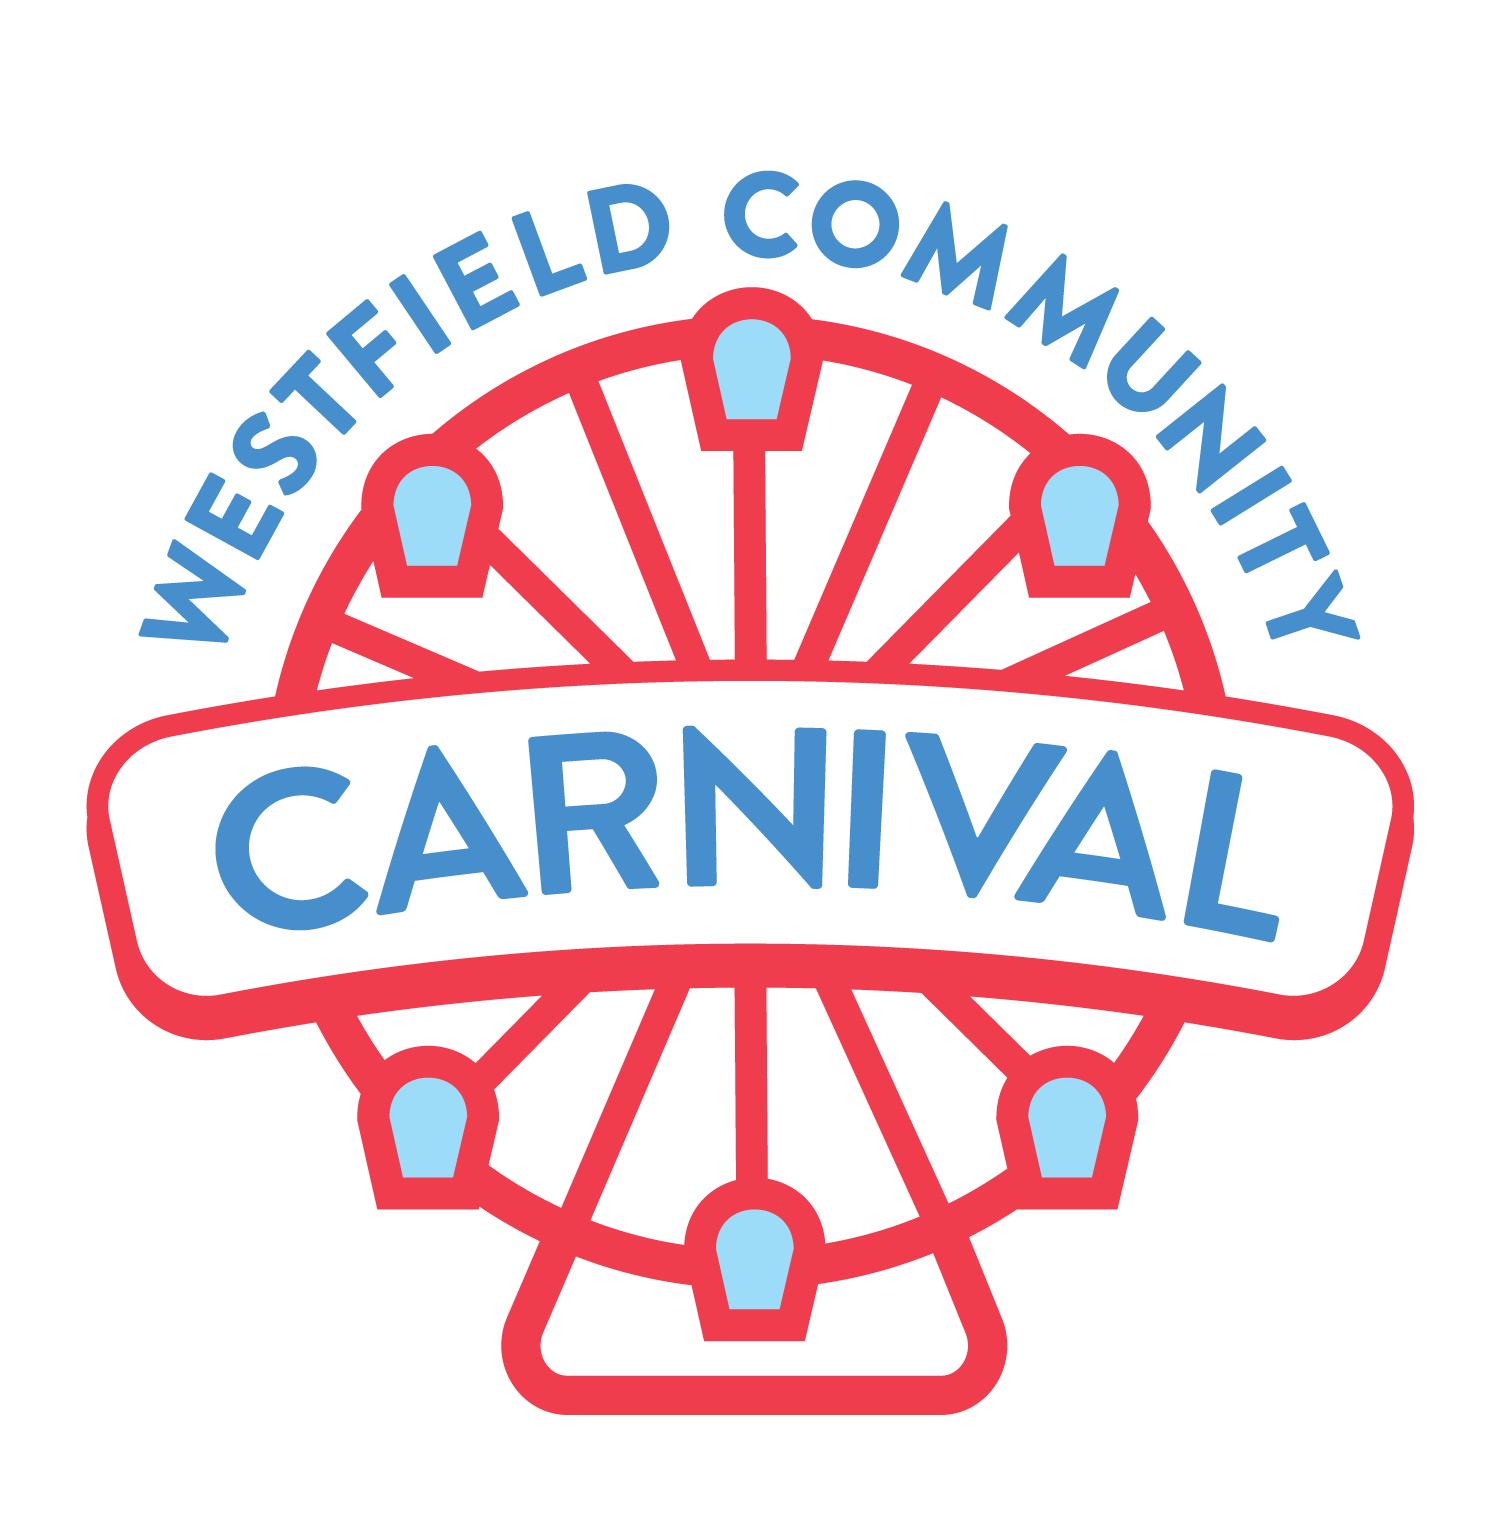 Westfield Community Carnival